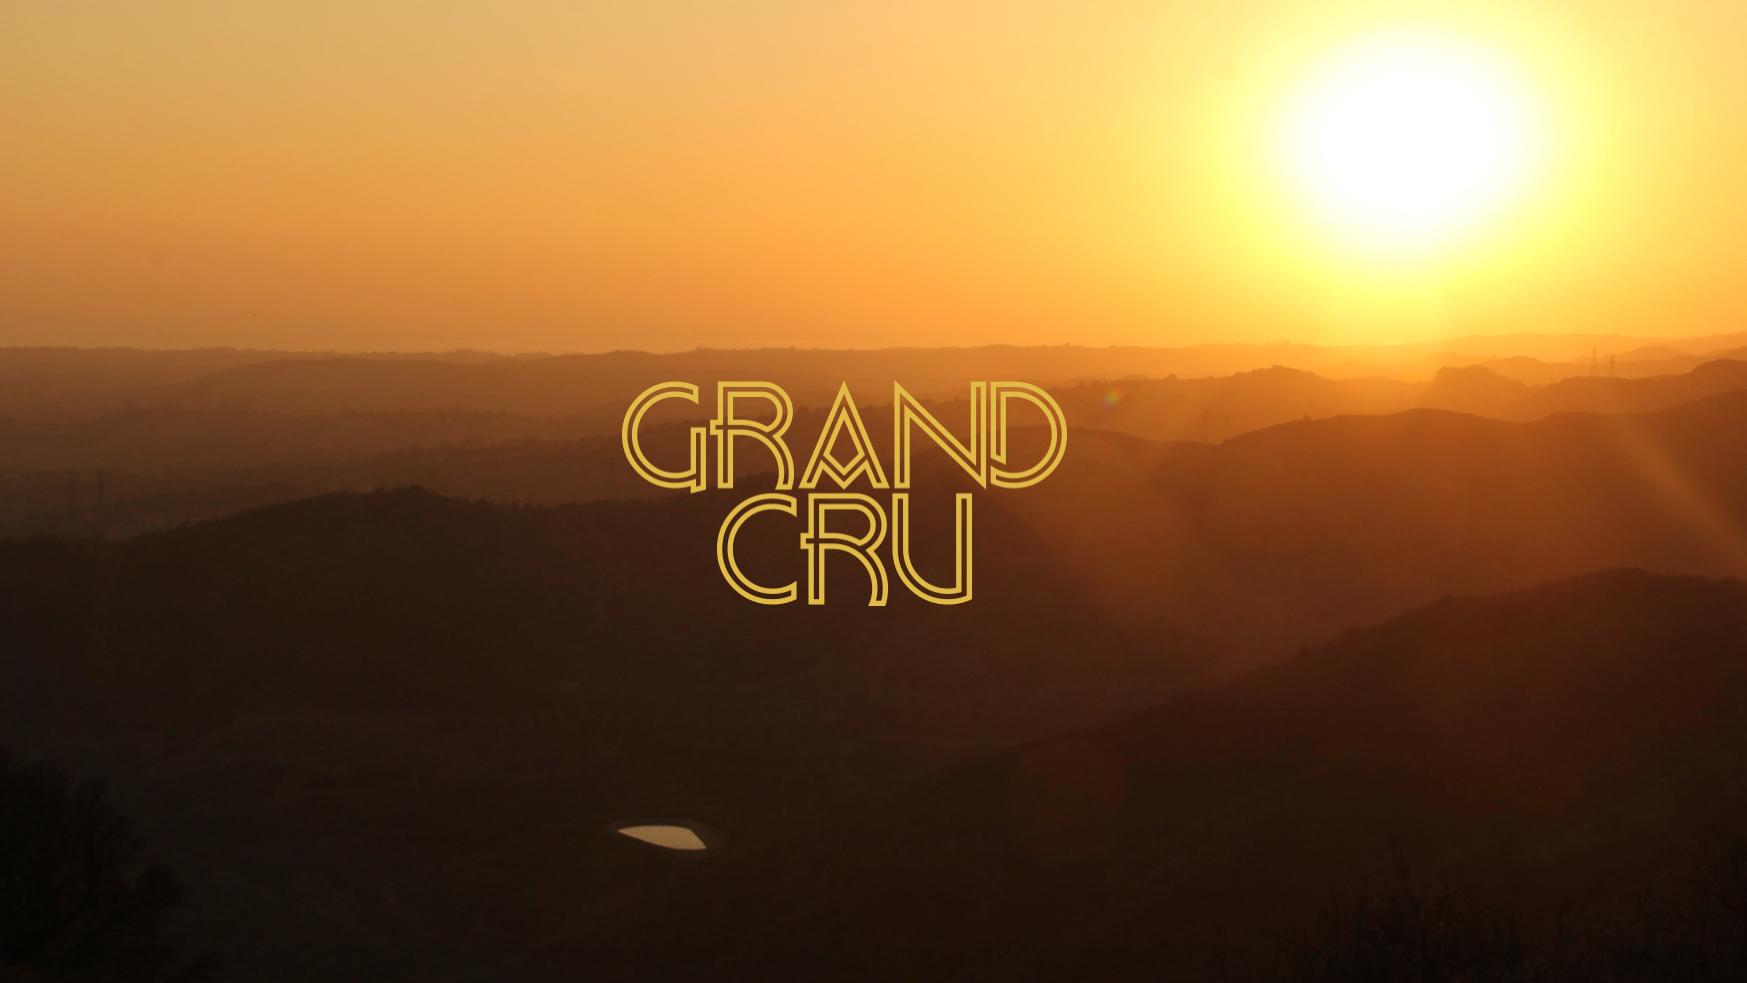 GrandCruHeader